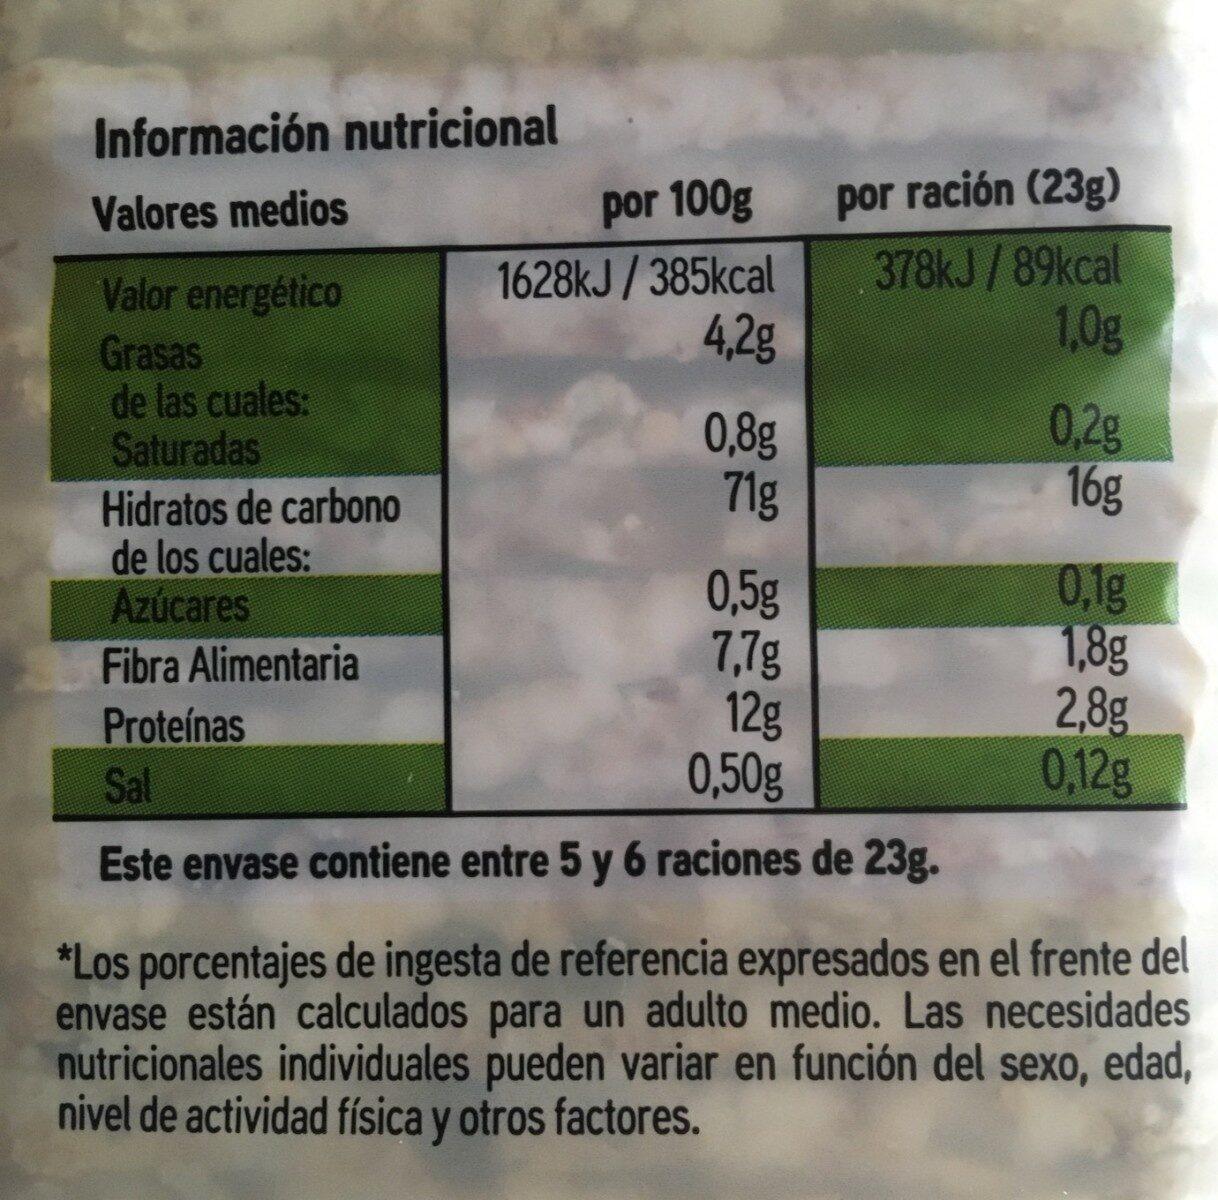 Tortitas de arroz - Informació nutricional - es